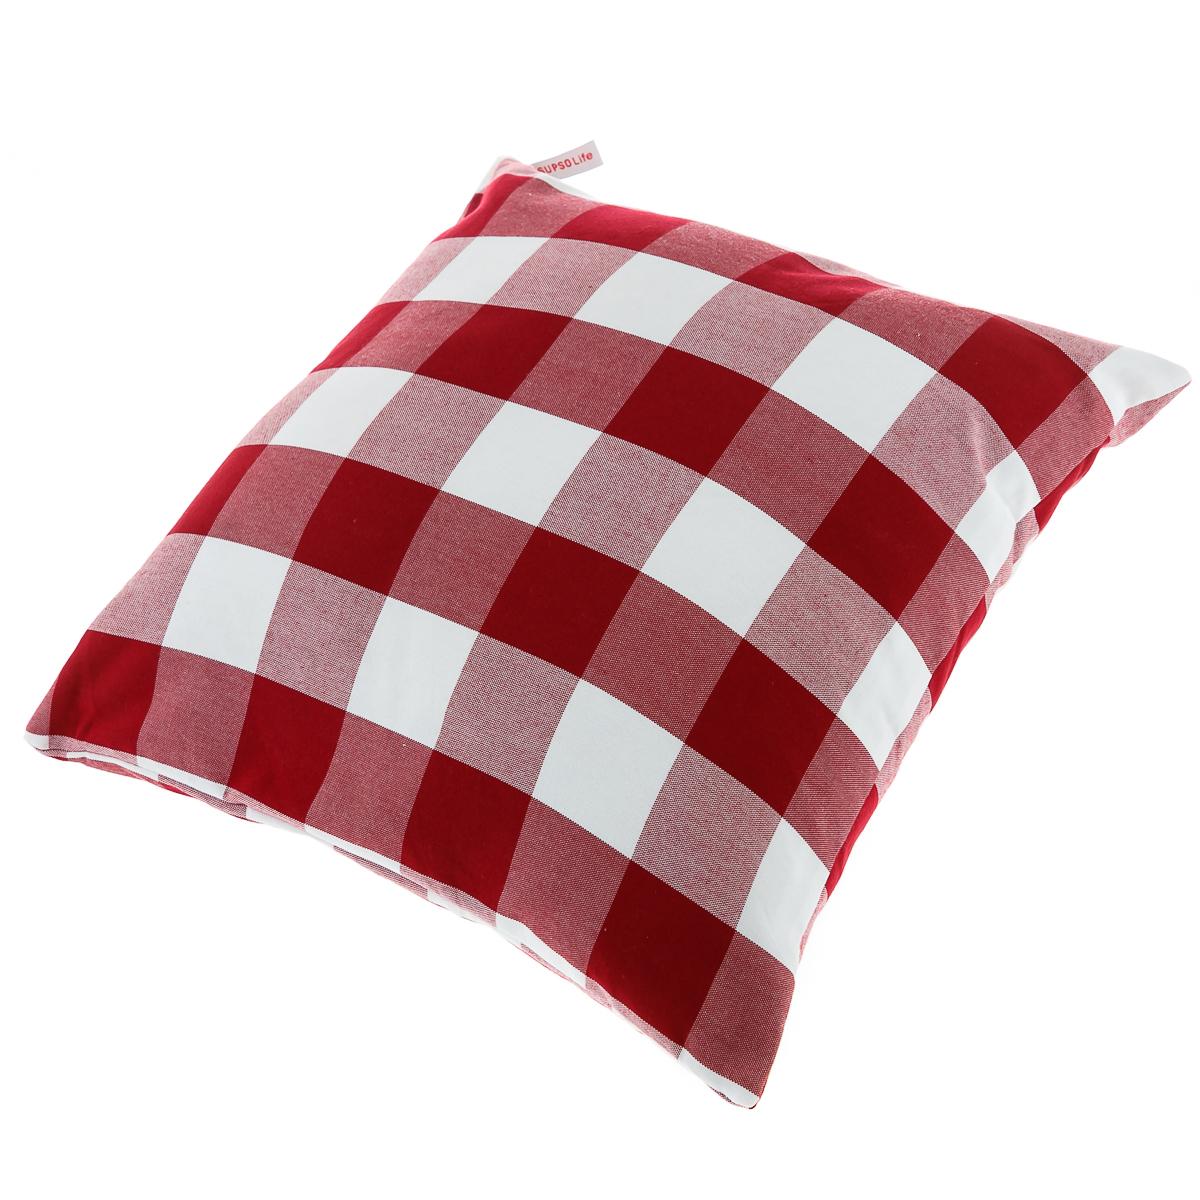 Подушка диванная, в крупную клетку, красная